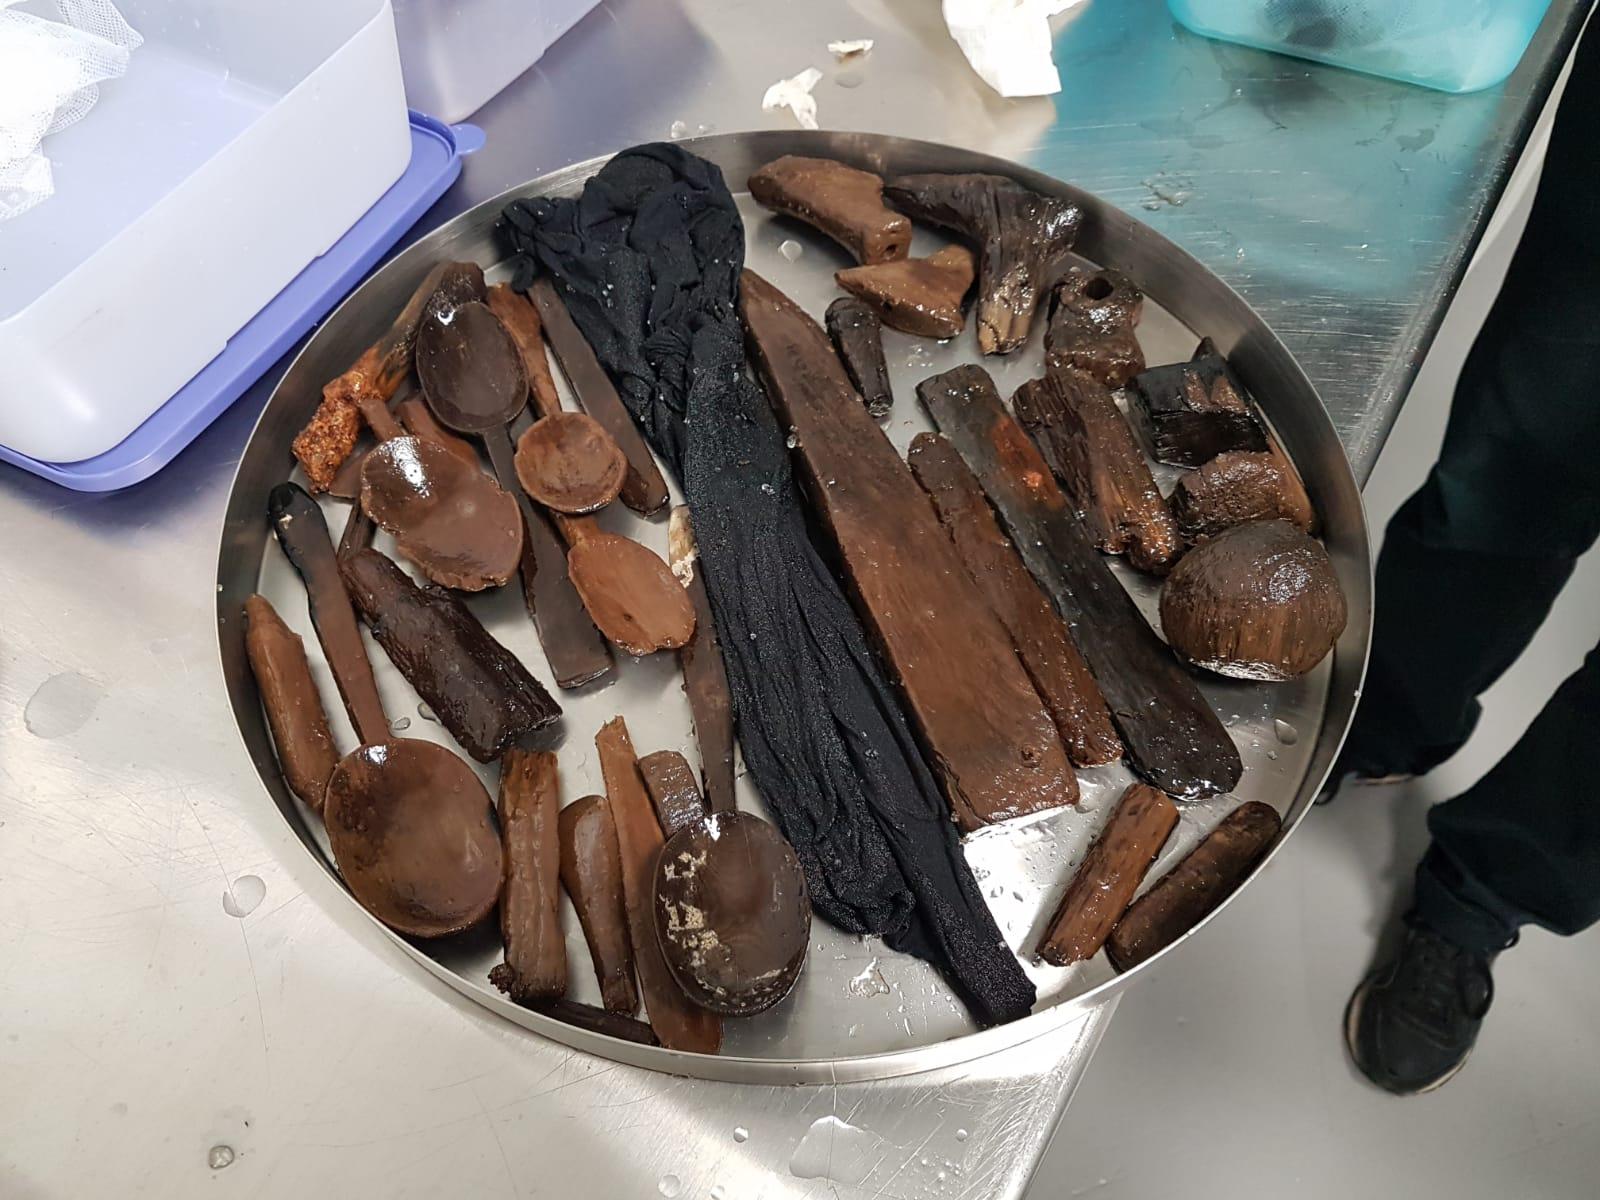 Culleres i resta de peces preparades per a la congelació. Foto: SABCN